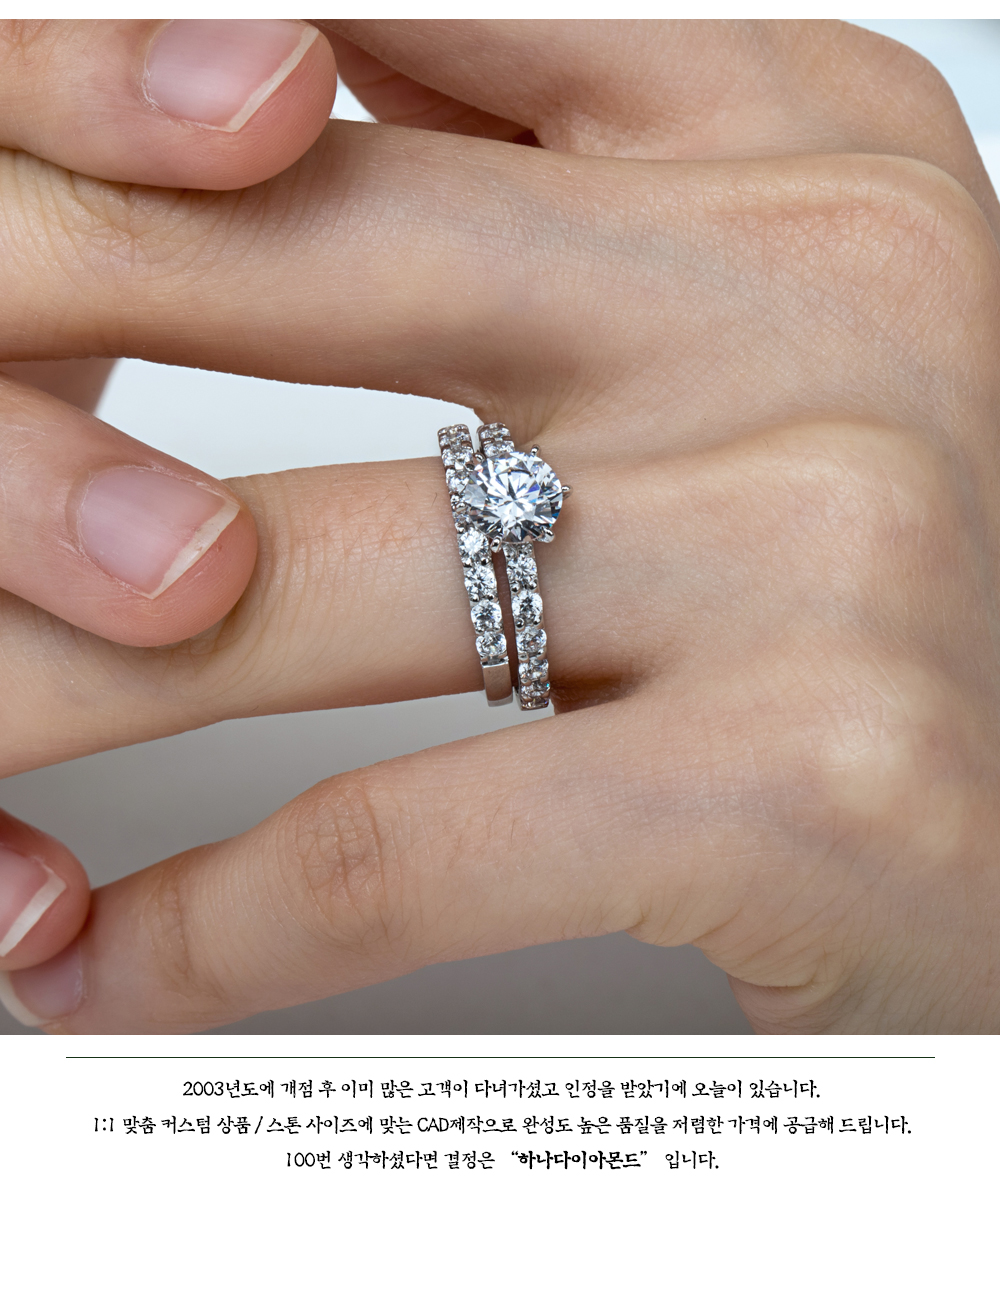 다이아몬드 귀걸이 상세페이지